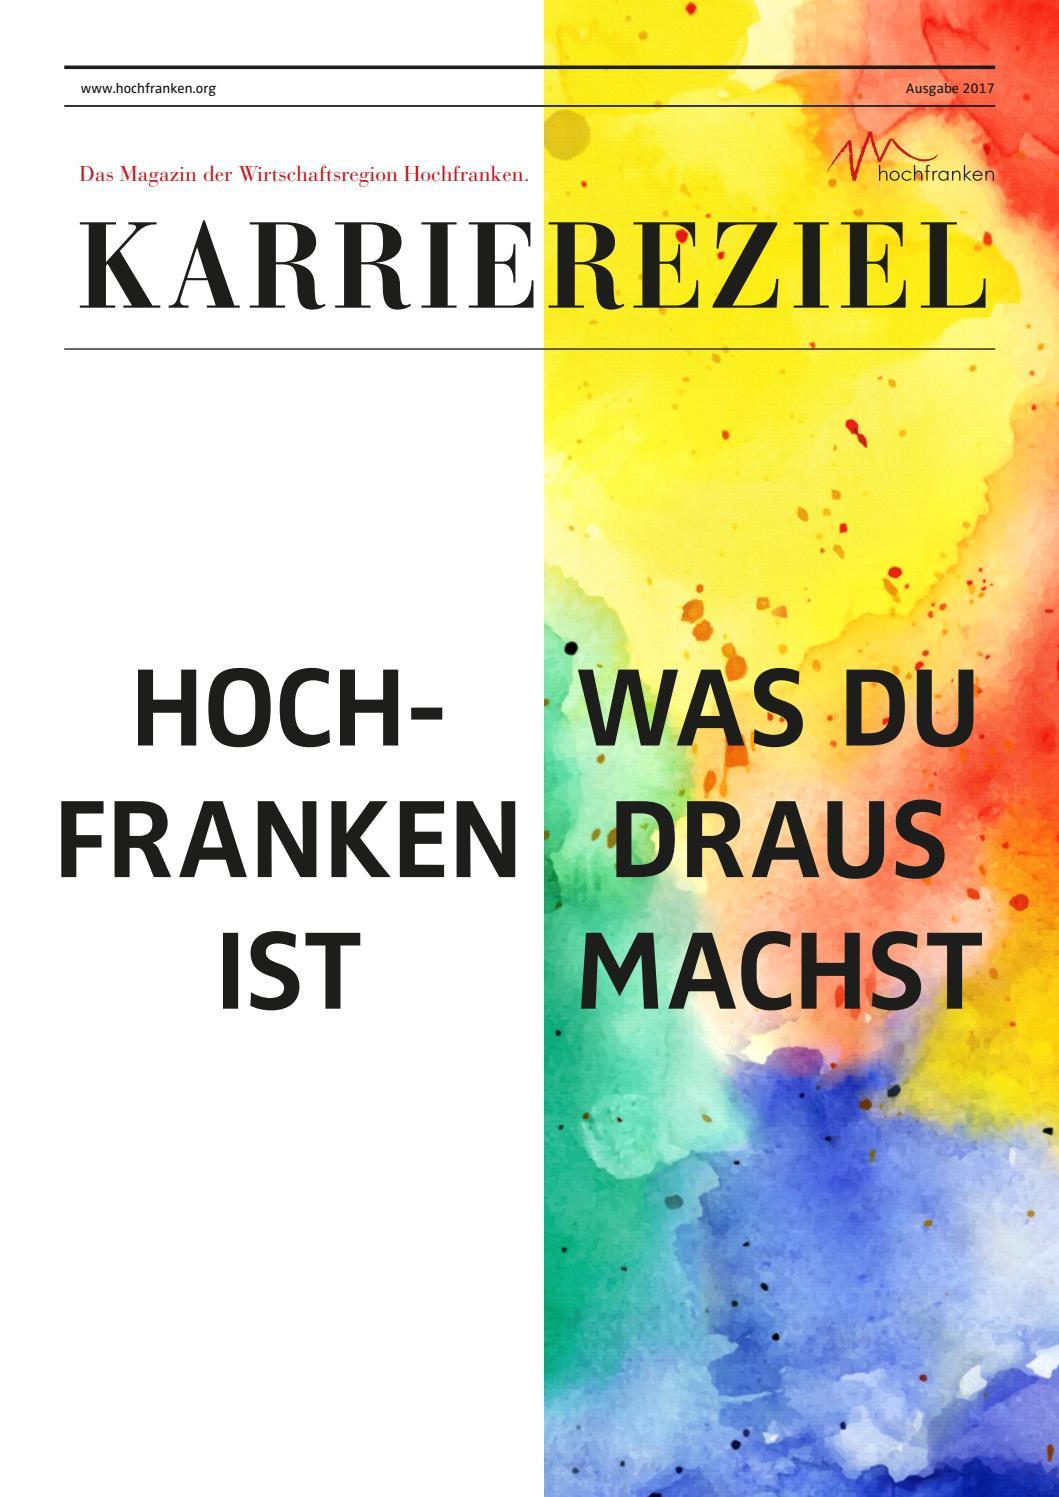 Wirtschaftsregion Hochfranken Karriereziel 2017 by SCHROEDER ...